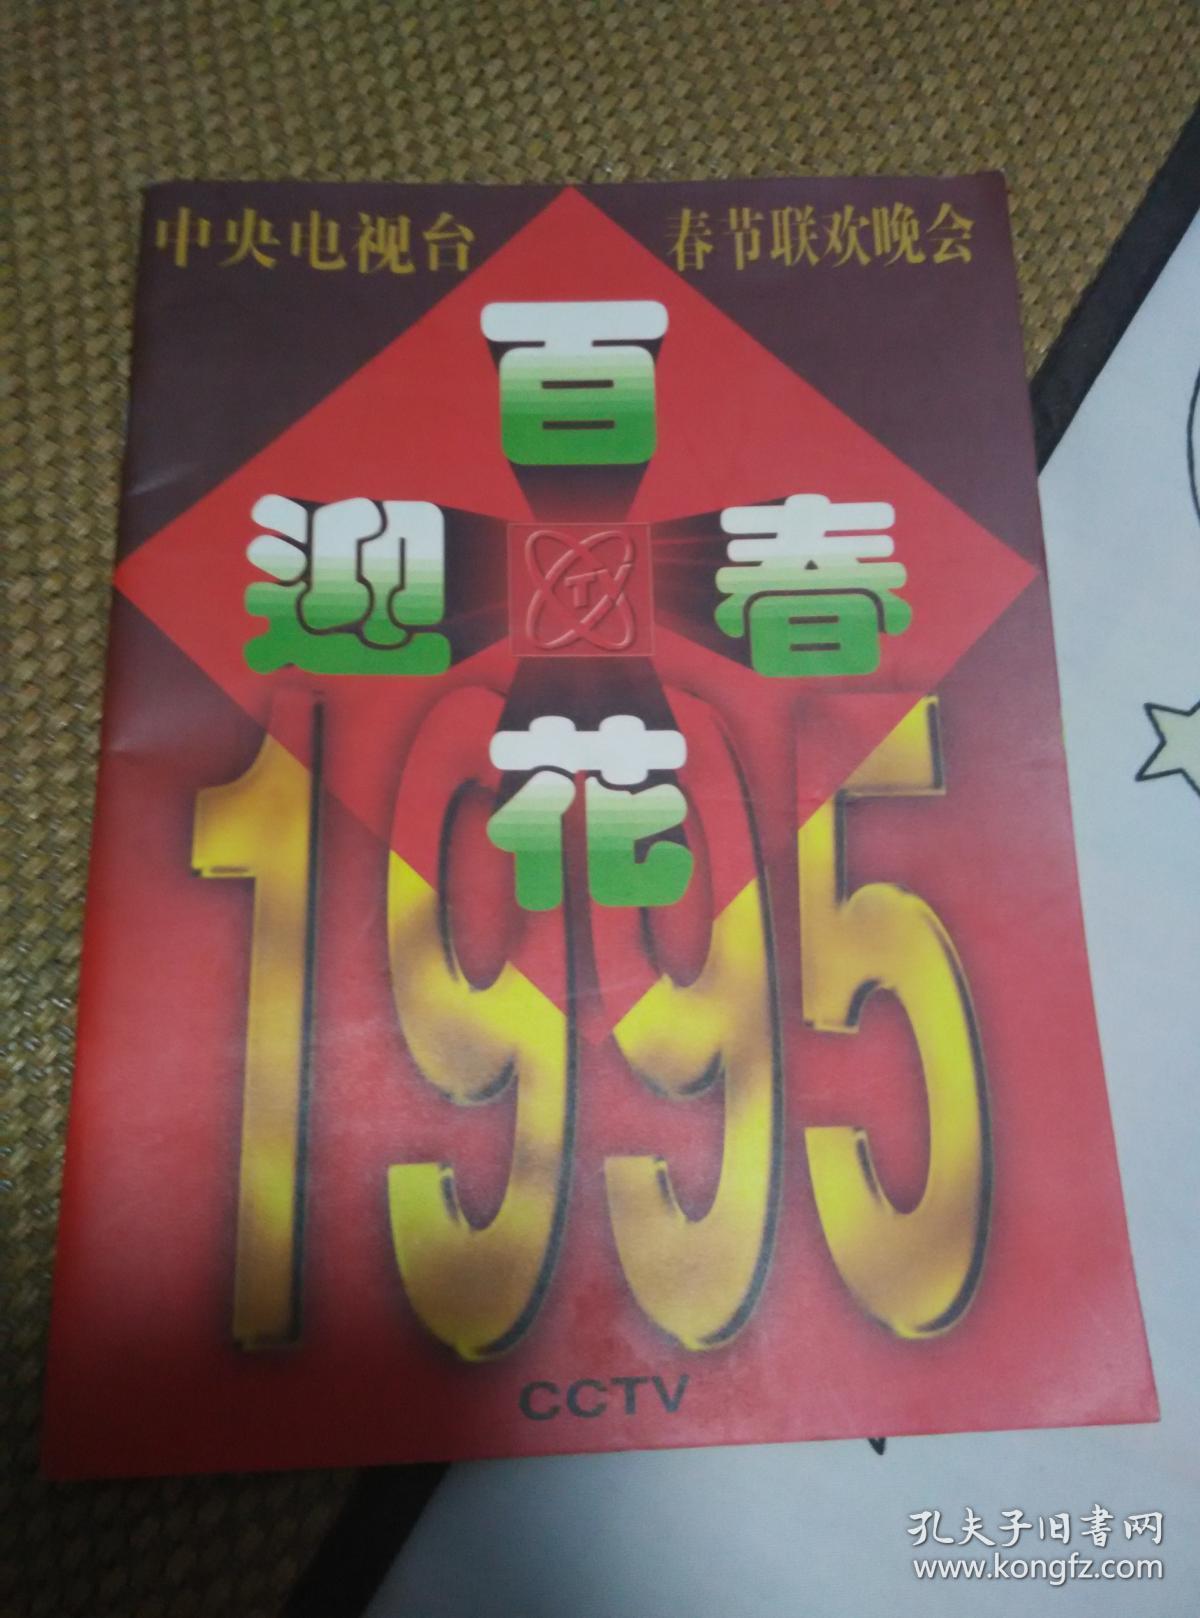 1995年春晚表演上更耀眼的星是誰?劉德華?趙本山?